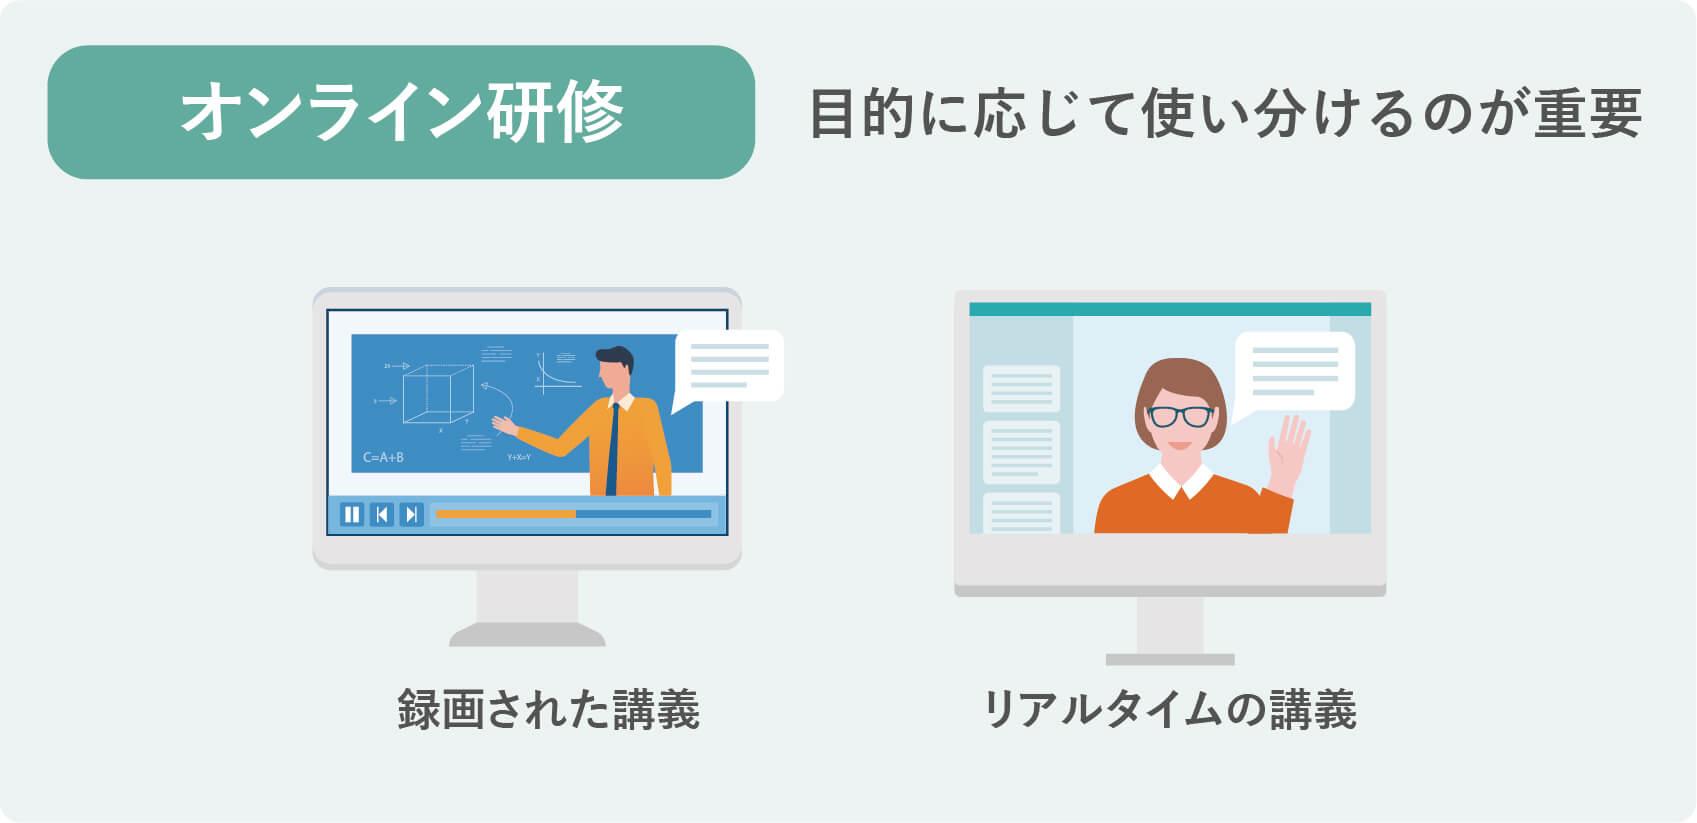 2種類のオンライン研修